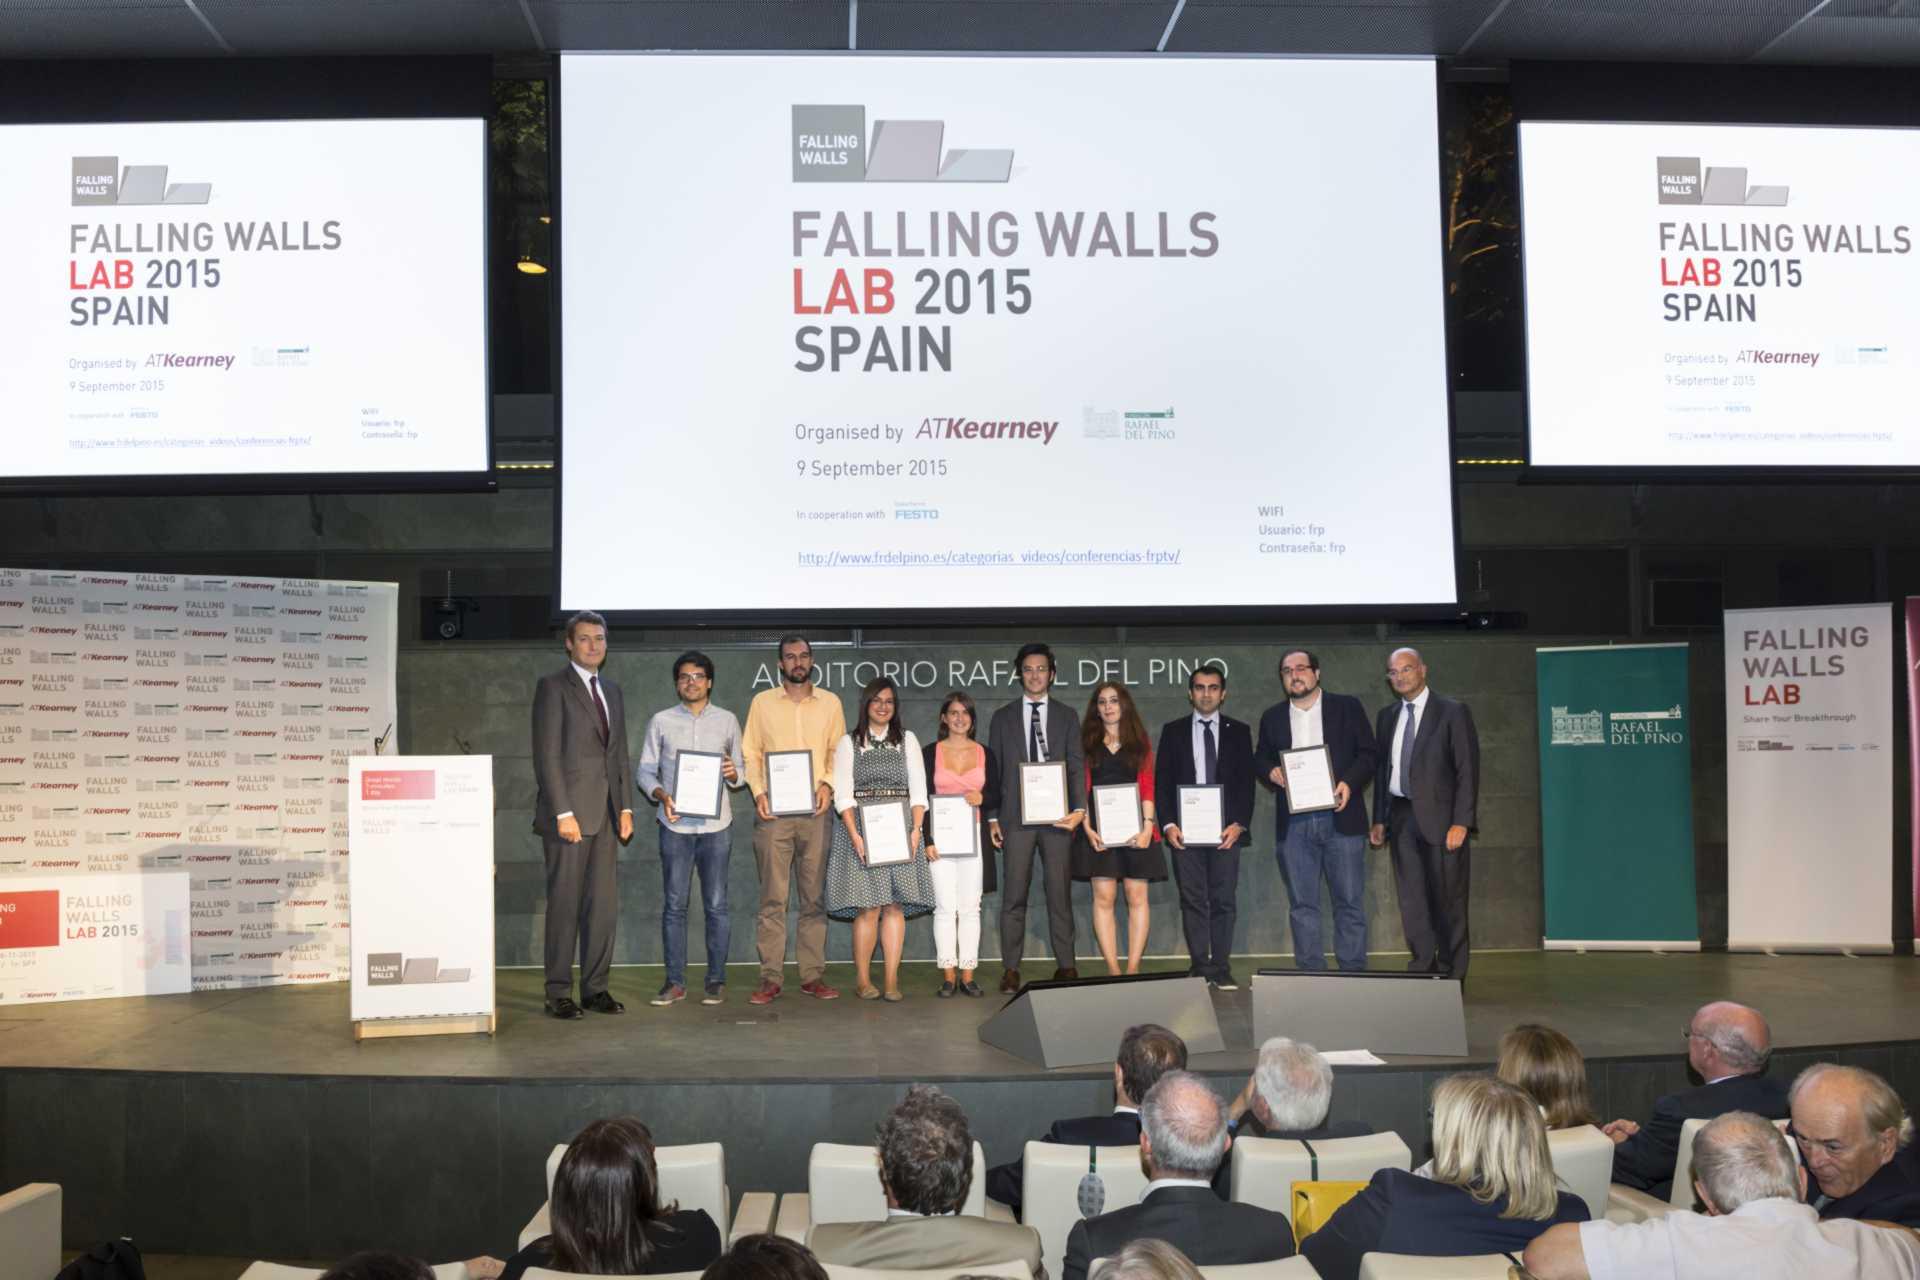 La Fundación Rafael del Pino y A.T.Kearney organizan la primera edición de Falling Walls Lab Spain. En Madrid 9 de septiembre de 2015. DS